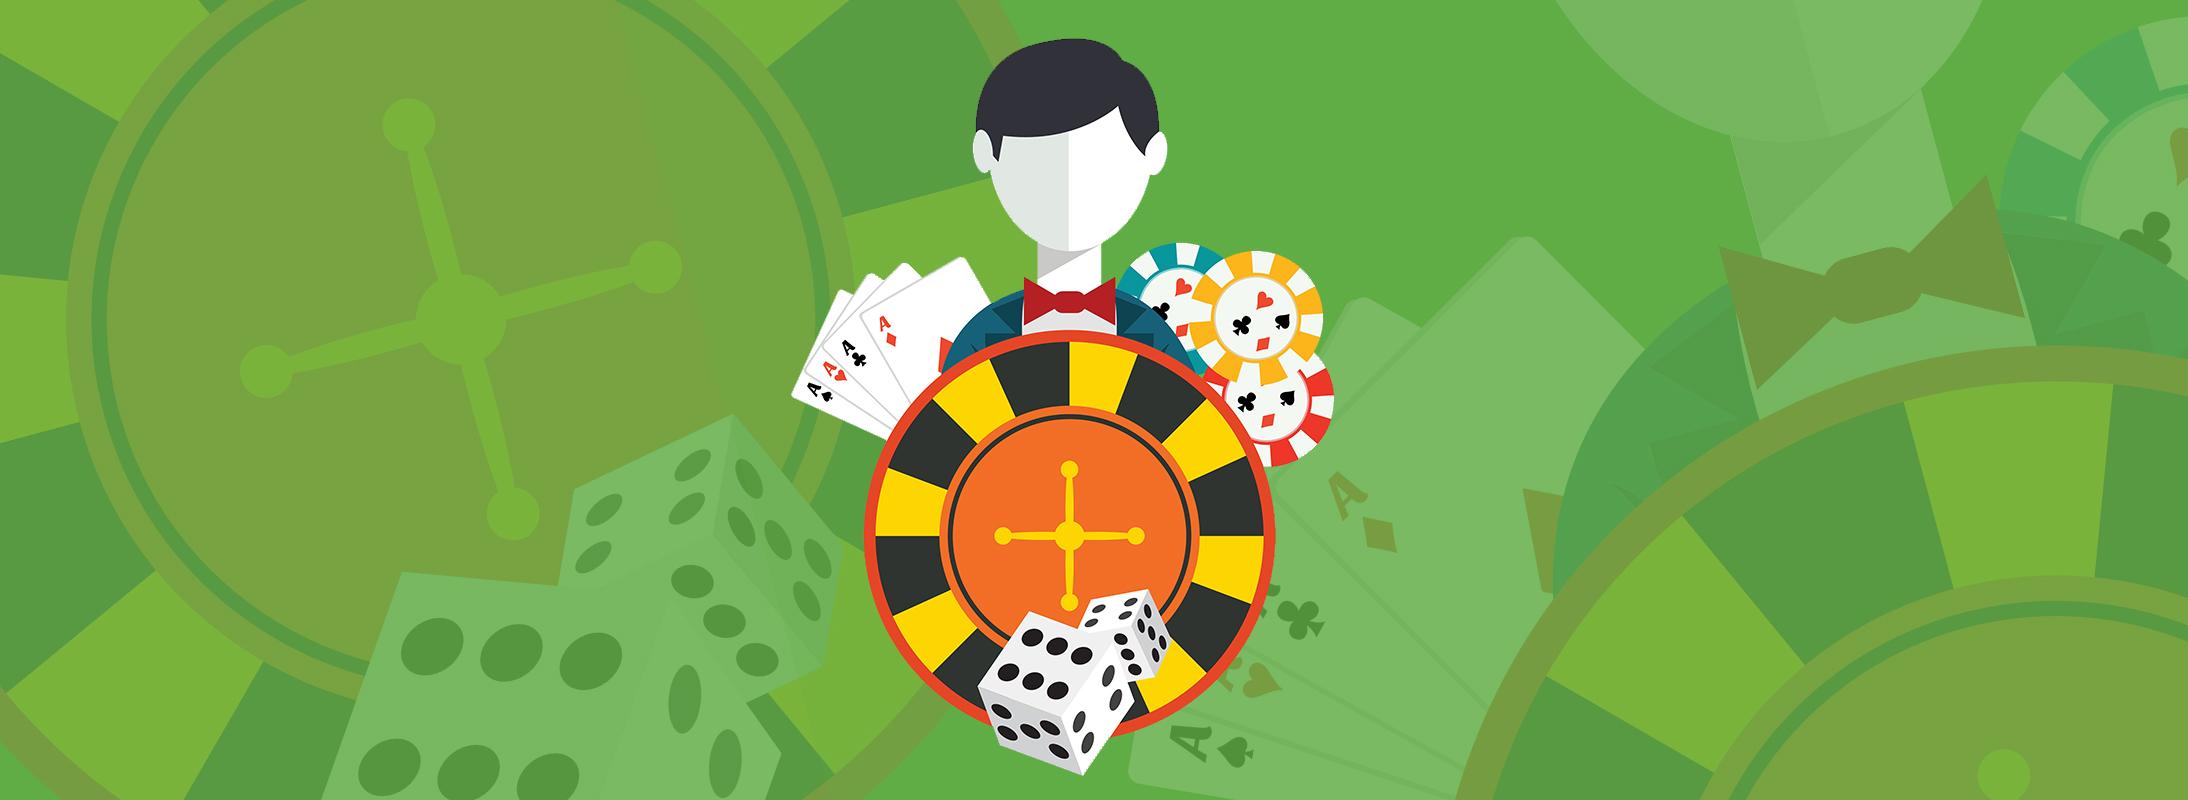 En hjælpsom guide til casino udtryk element01 - CasinoTop